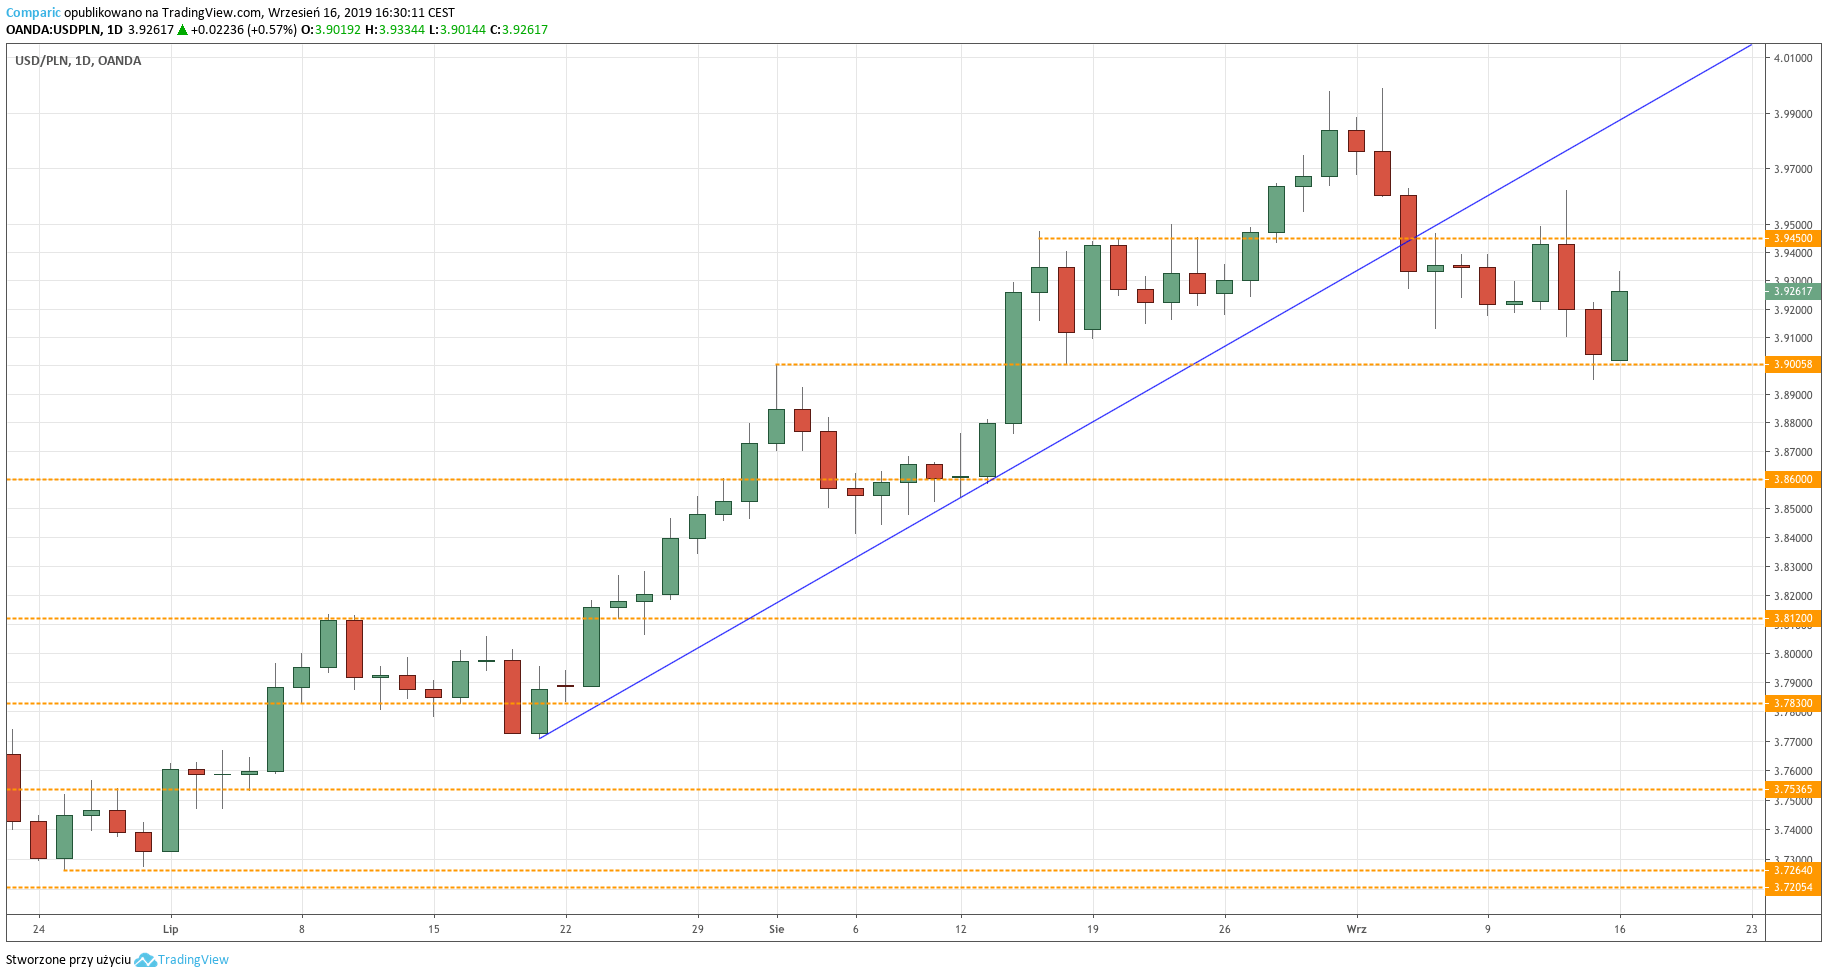 Kurs dolara do złotego (USDPLN) - wykres dzienny - 16 września 2019